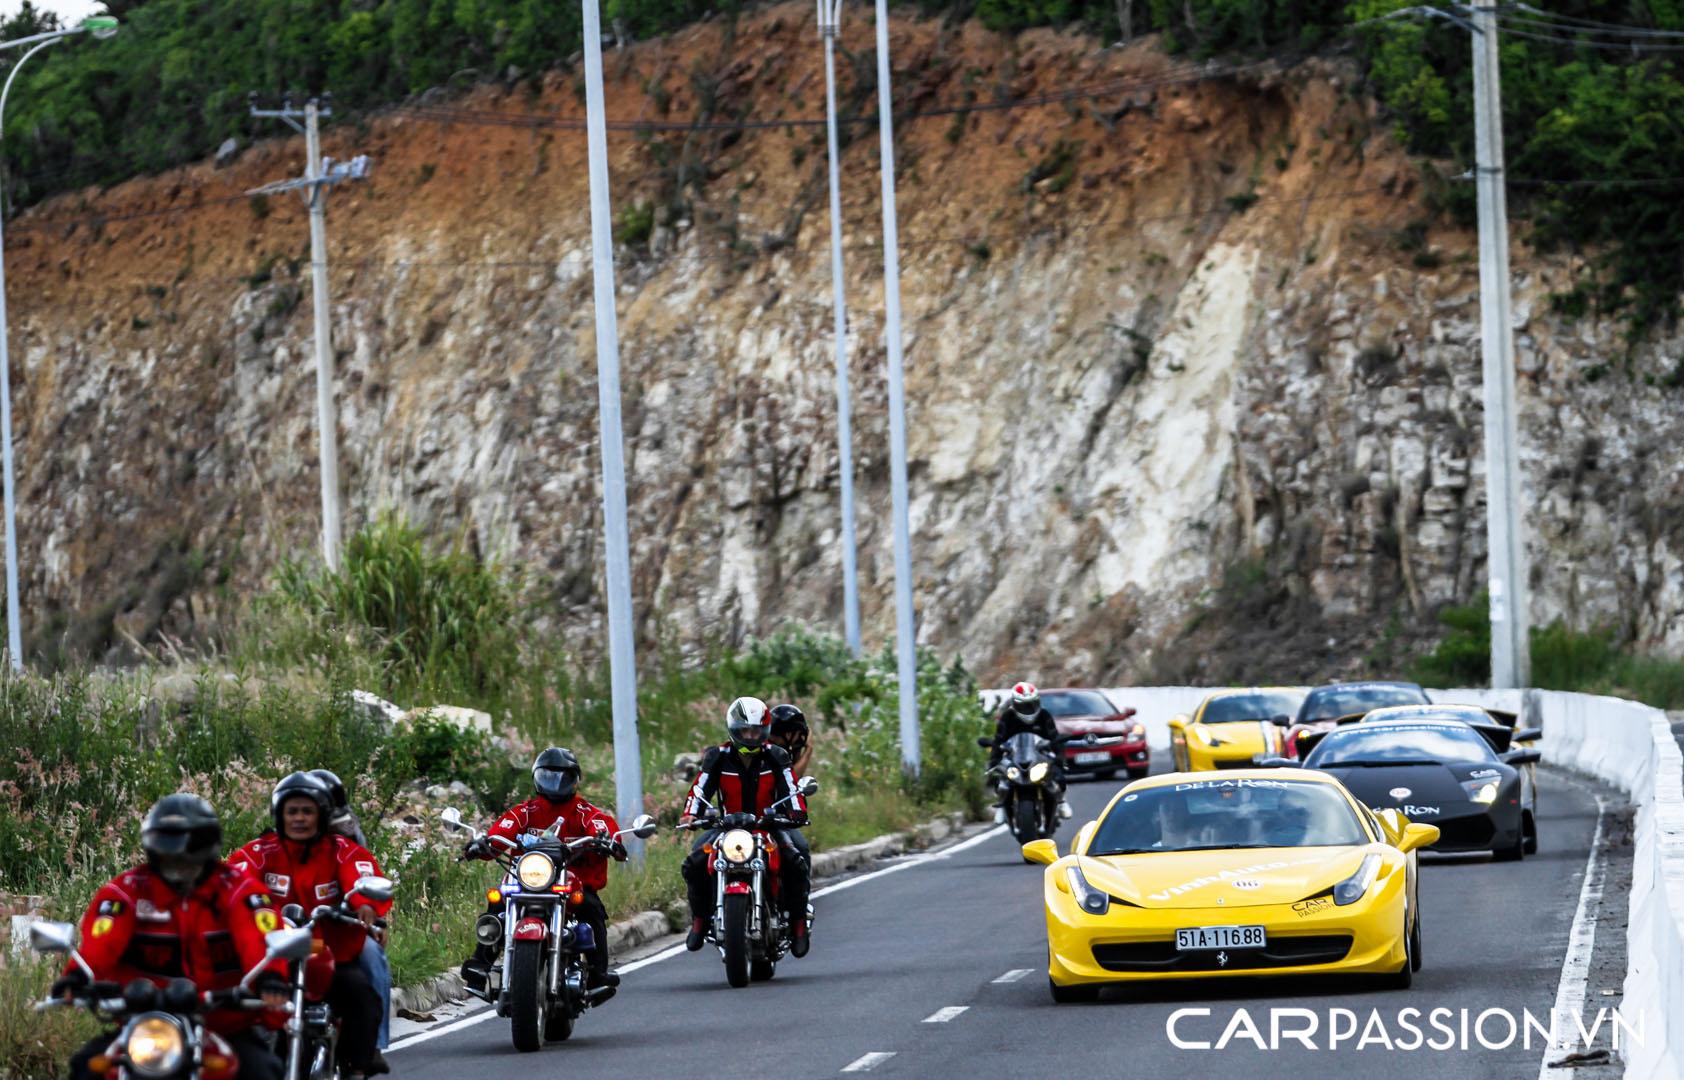 CP-Hành trình siêu xe CarPassion 2011 Day 2 (2).jpg